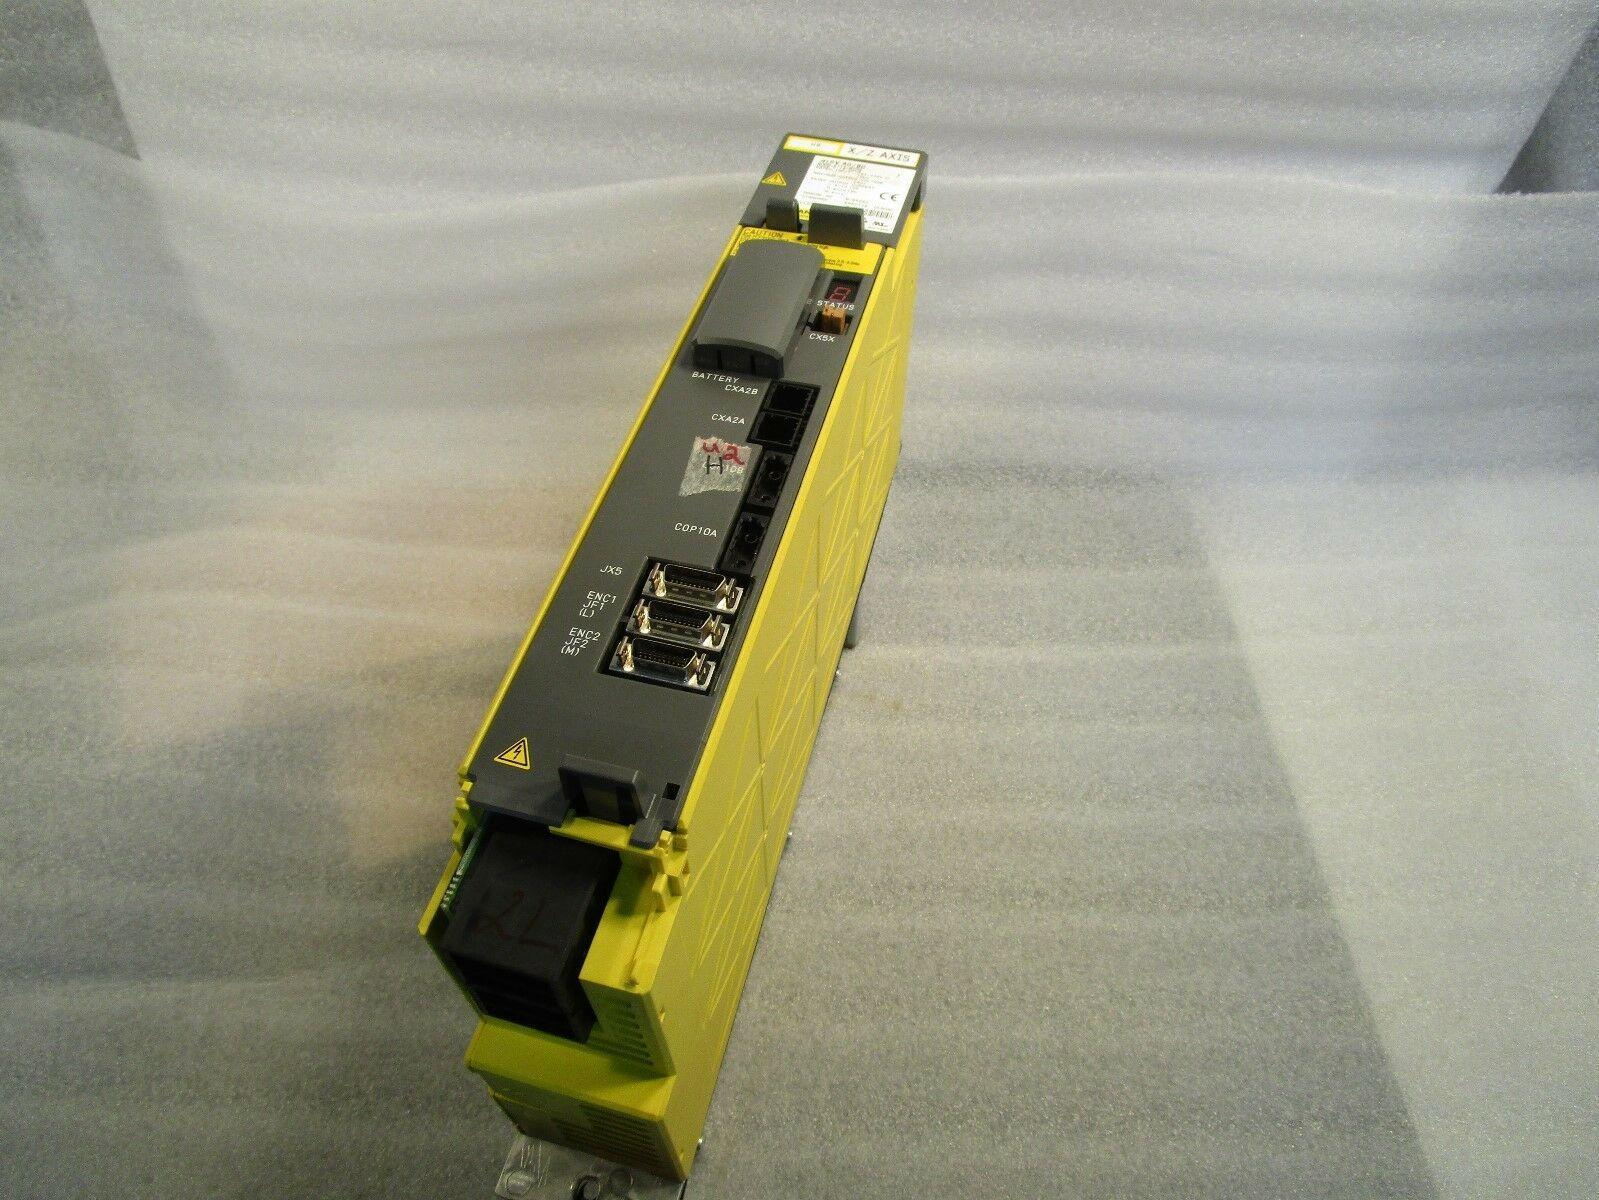 Fanuc A06B-6114-H208 aiSY 40/80 2-Axis Drive Alpha iSY 40/80